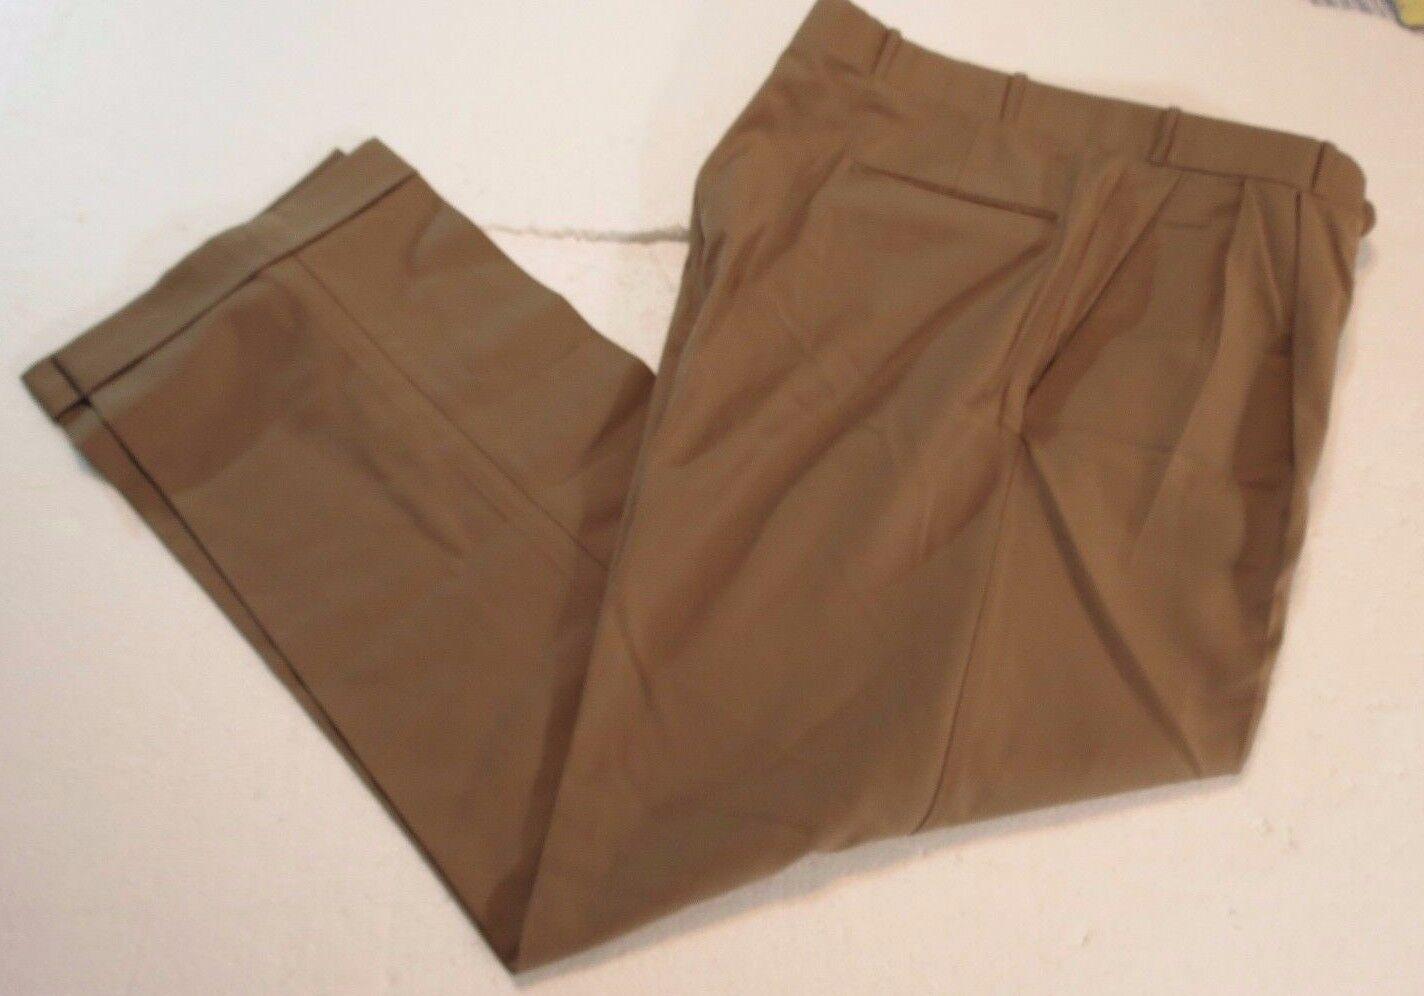 Miller Bredhers Ltd. sz 35 x 31 Khaki Tan Super 120s Wool Pants  Lgold Piana